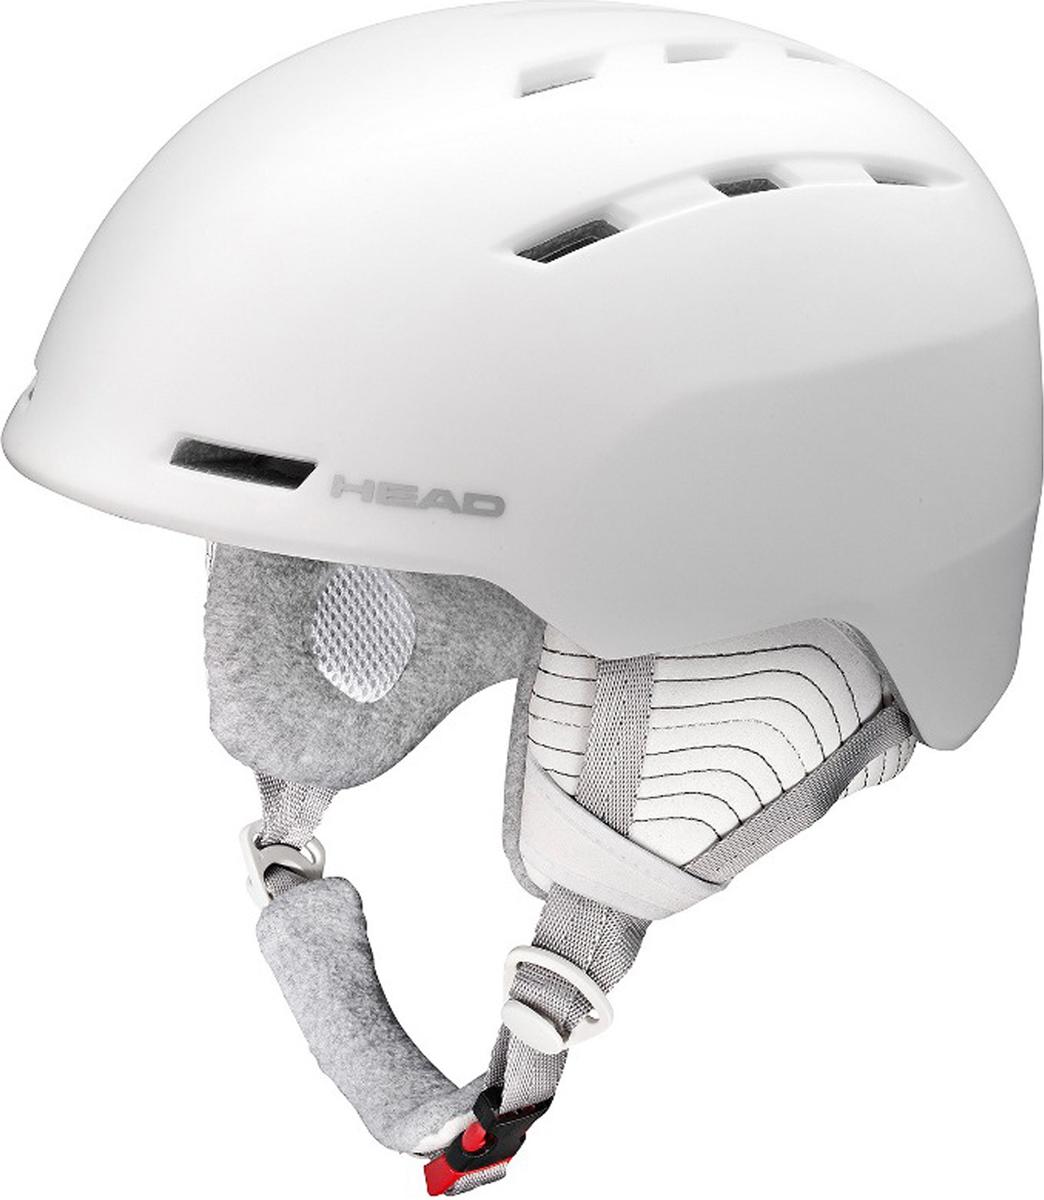 Шлем горнолыжный/сноубордический женский Head Valery. Размер M/L (56-59)325607 (M/L)Шлем Valery - бестселлер в женской коллекции HEAD. Его отличительнаяособенность - экстремально малый вес и супер удобная посадка на голове.Построена по уже известной технологии горячей прессовки, имеет отличнуювентиляцию по периметру и вентиляцию маски.Особенности:- Облегченный ABS,- Вентиляция Thermal,- Вентиляция маски,- Подкладка из микрофлиса,- Регулировка размера HEAD 3D Fit,- Эргономический воротник с регулировкой положения на шлеме,- Сертификат CE EN 1077:2007 Class B,- Вес: m/l 420 г.Что взять с собой на горнолыжную прогулку: рассказывают эксперты. Статья OZON Гид